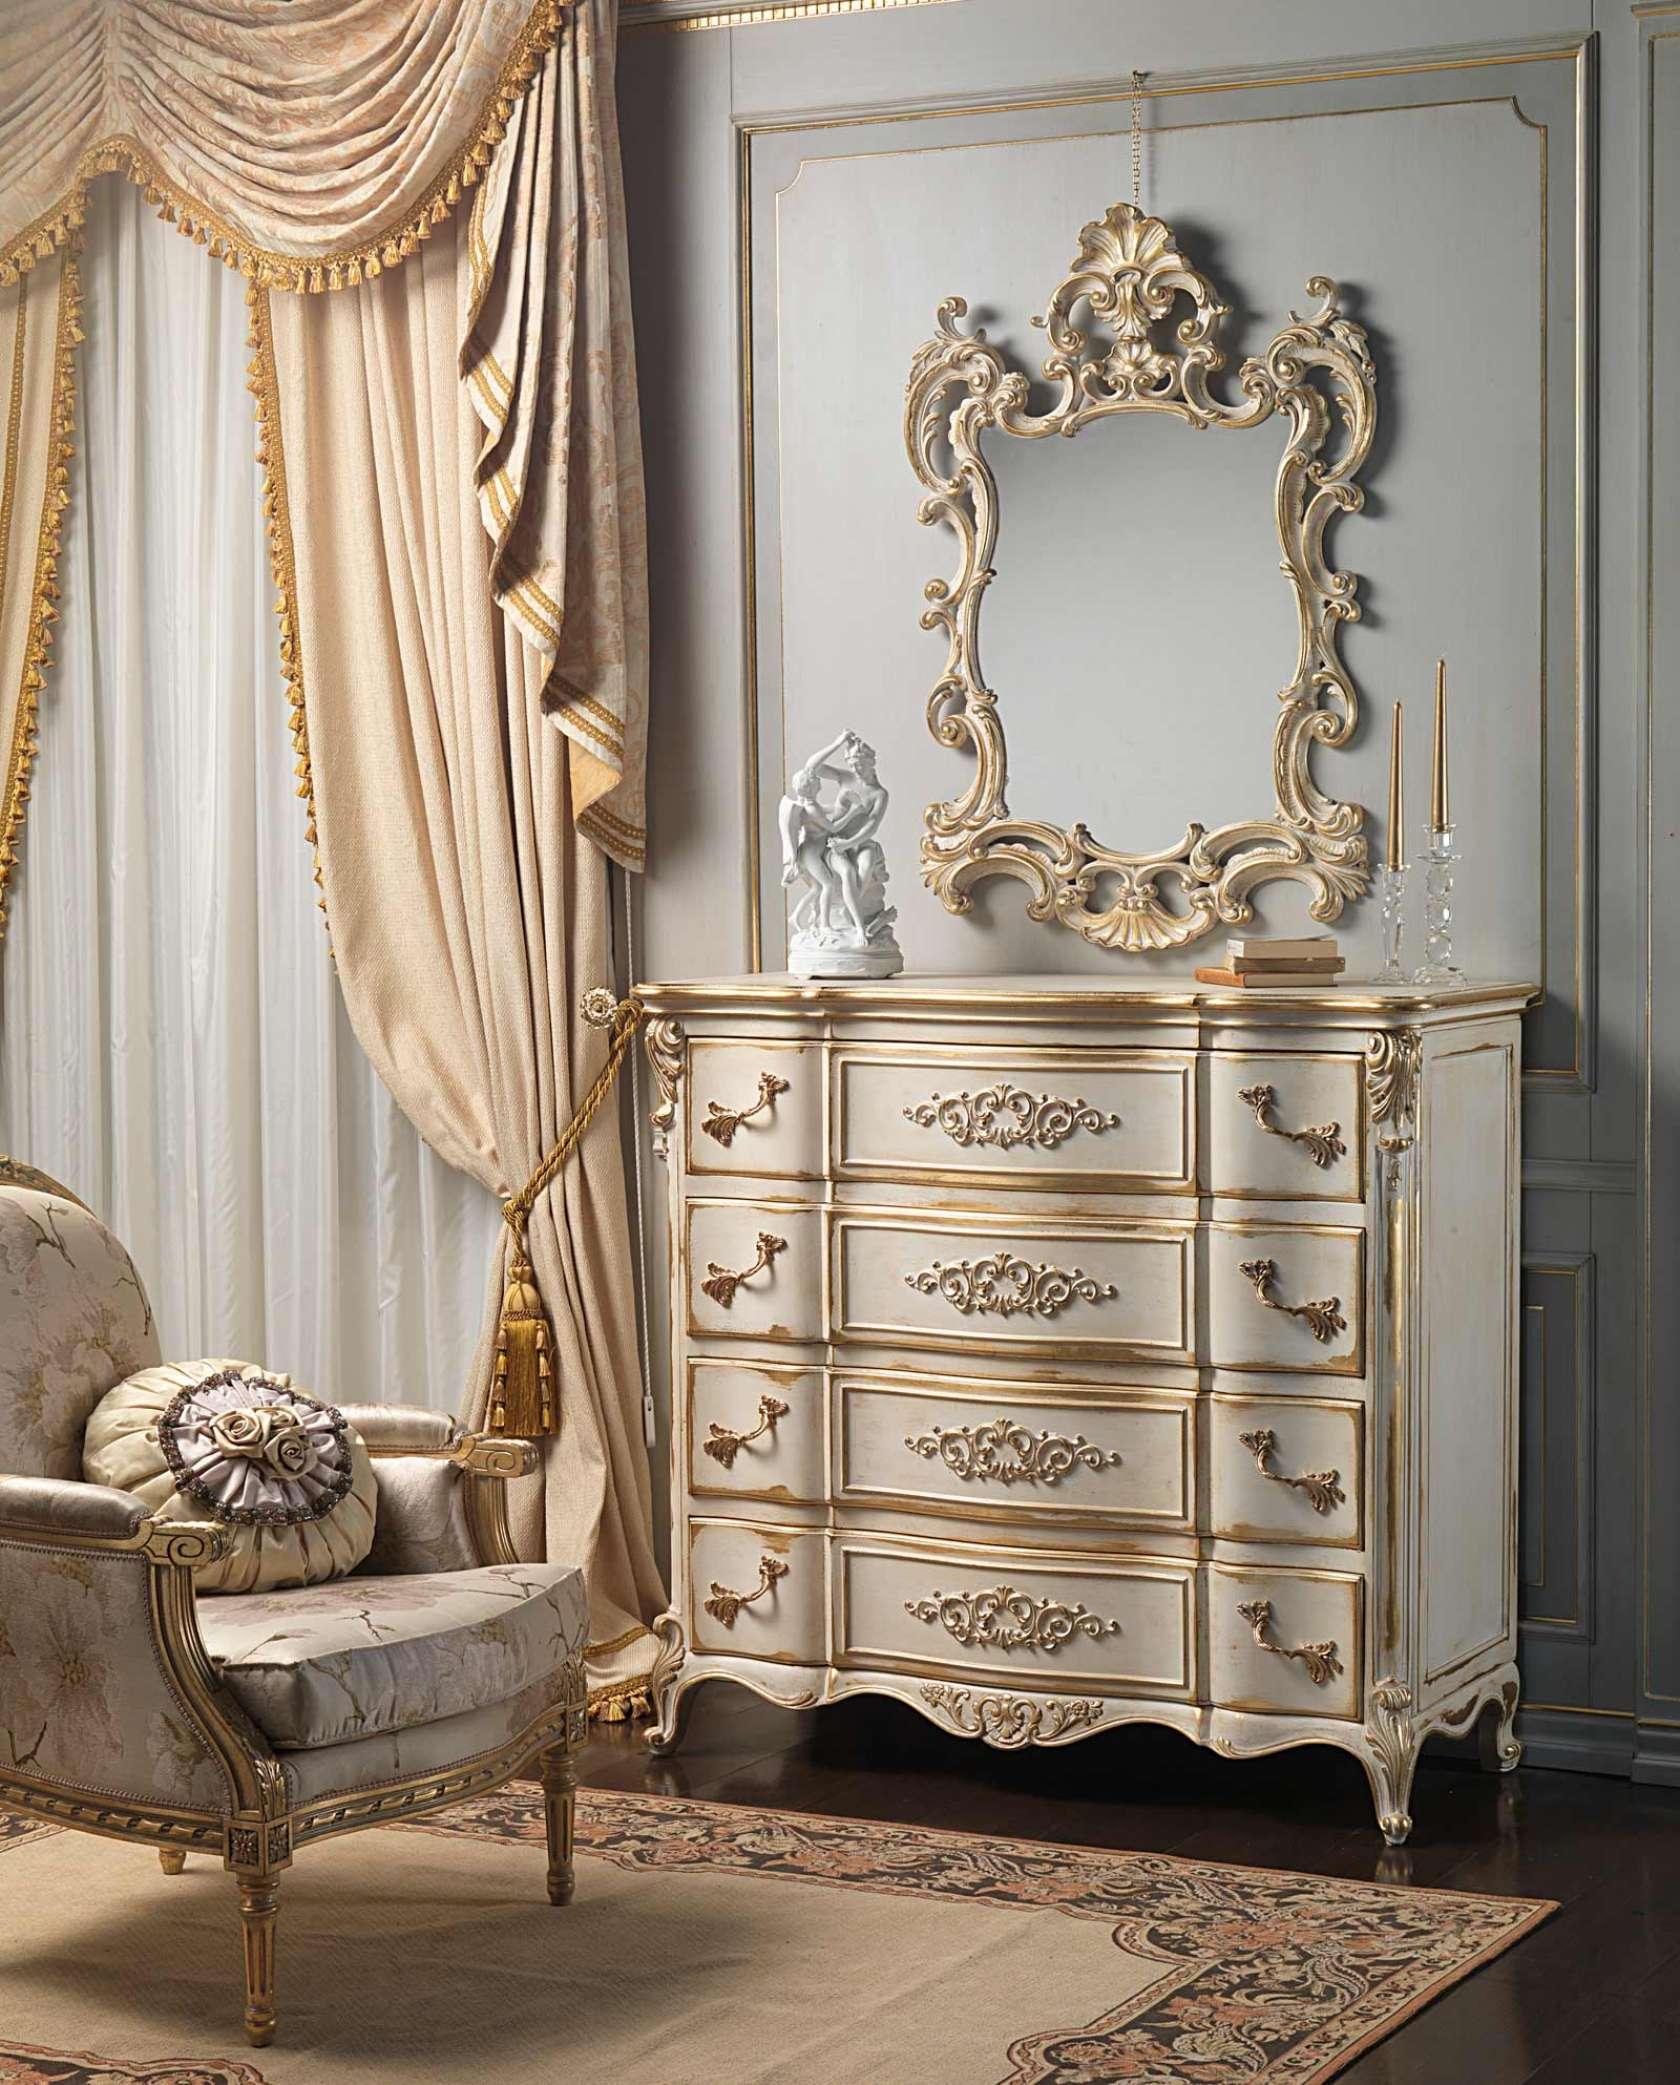 Camera da letto classica in stile LUigi XVI, comò e specchiera ...